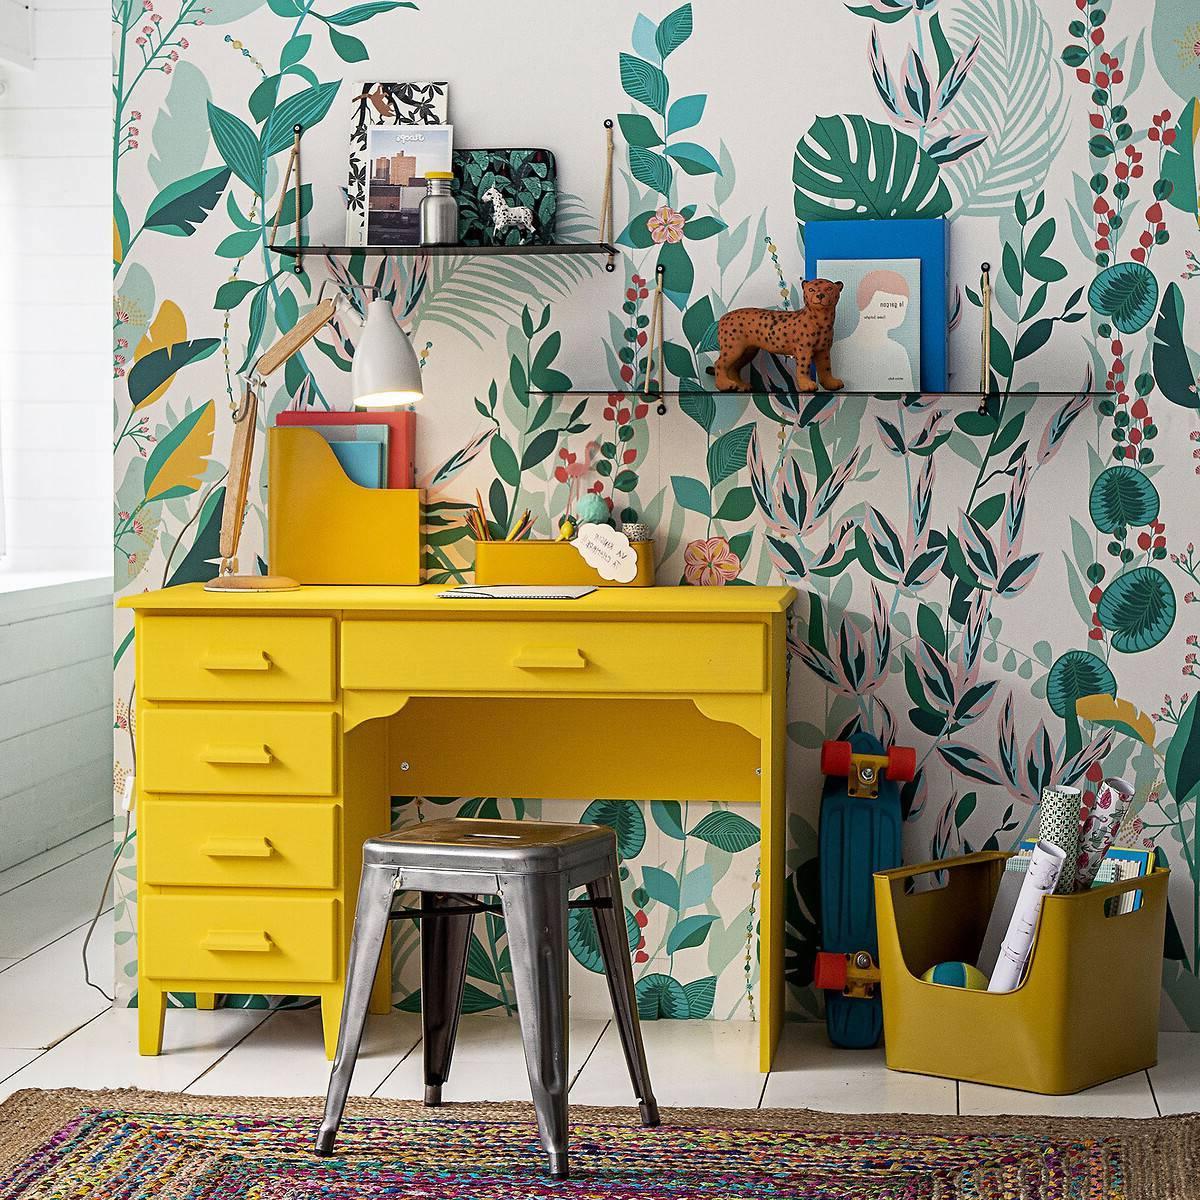 bureau jaune papier-peint végétal chambre colorée garçon